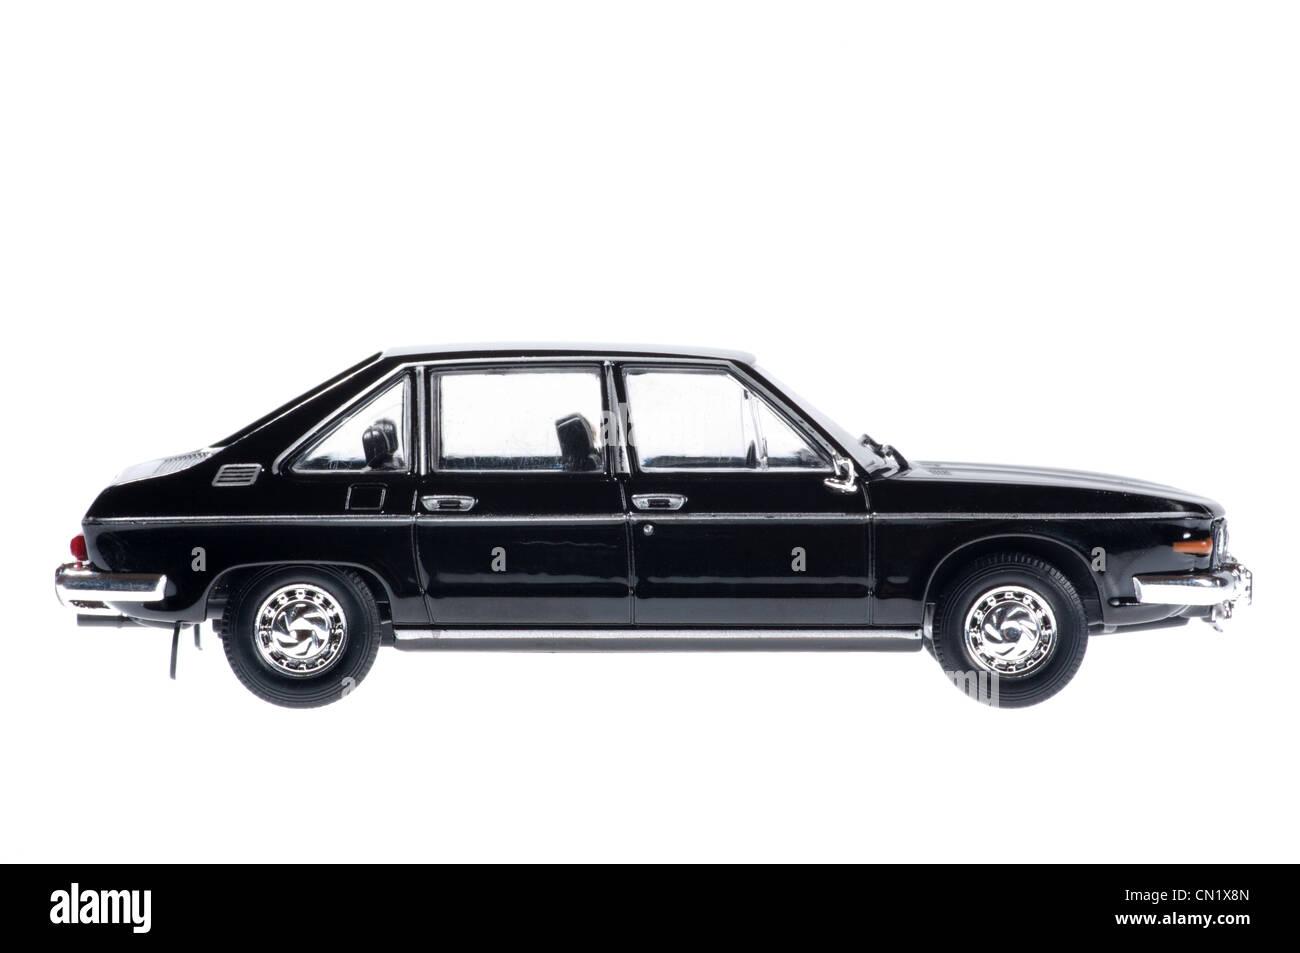 Black Tatra on white background. - Stock Image